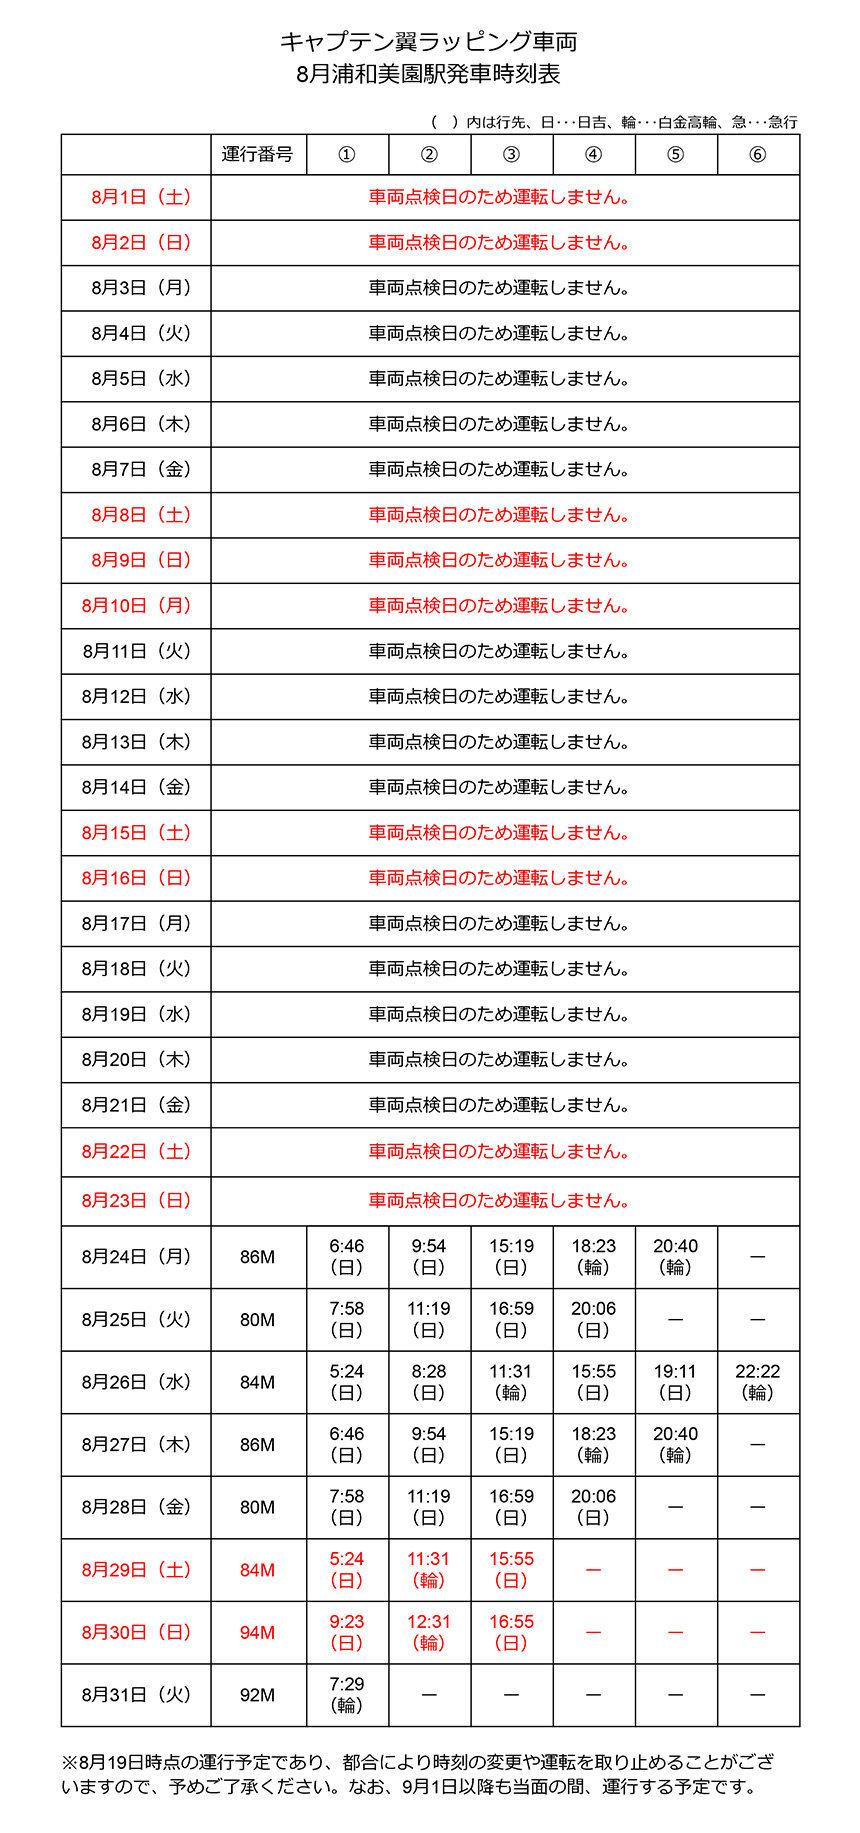 キャプテン翼ラッピング車両8月浦和美園駅発車時刻表(更新)